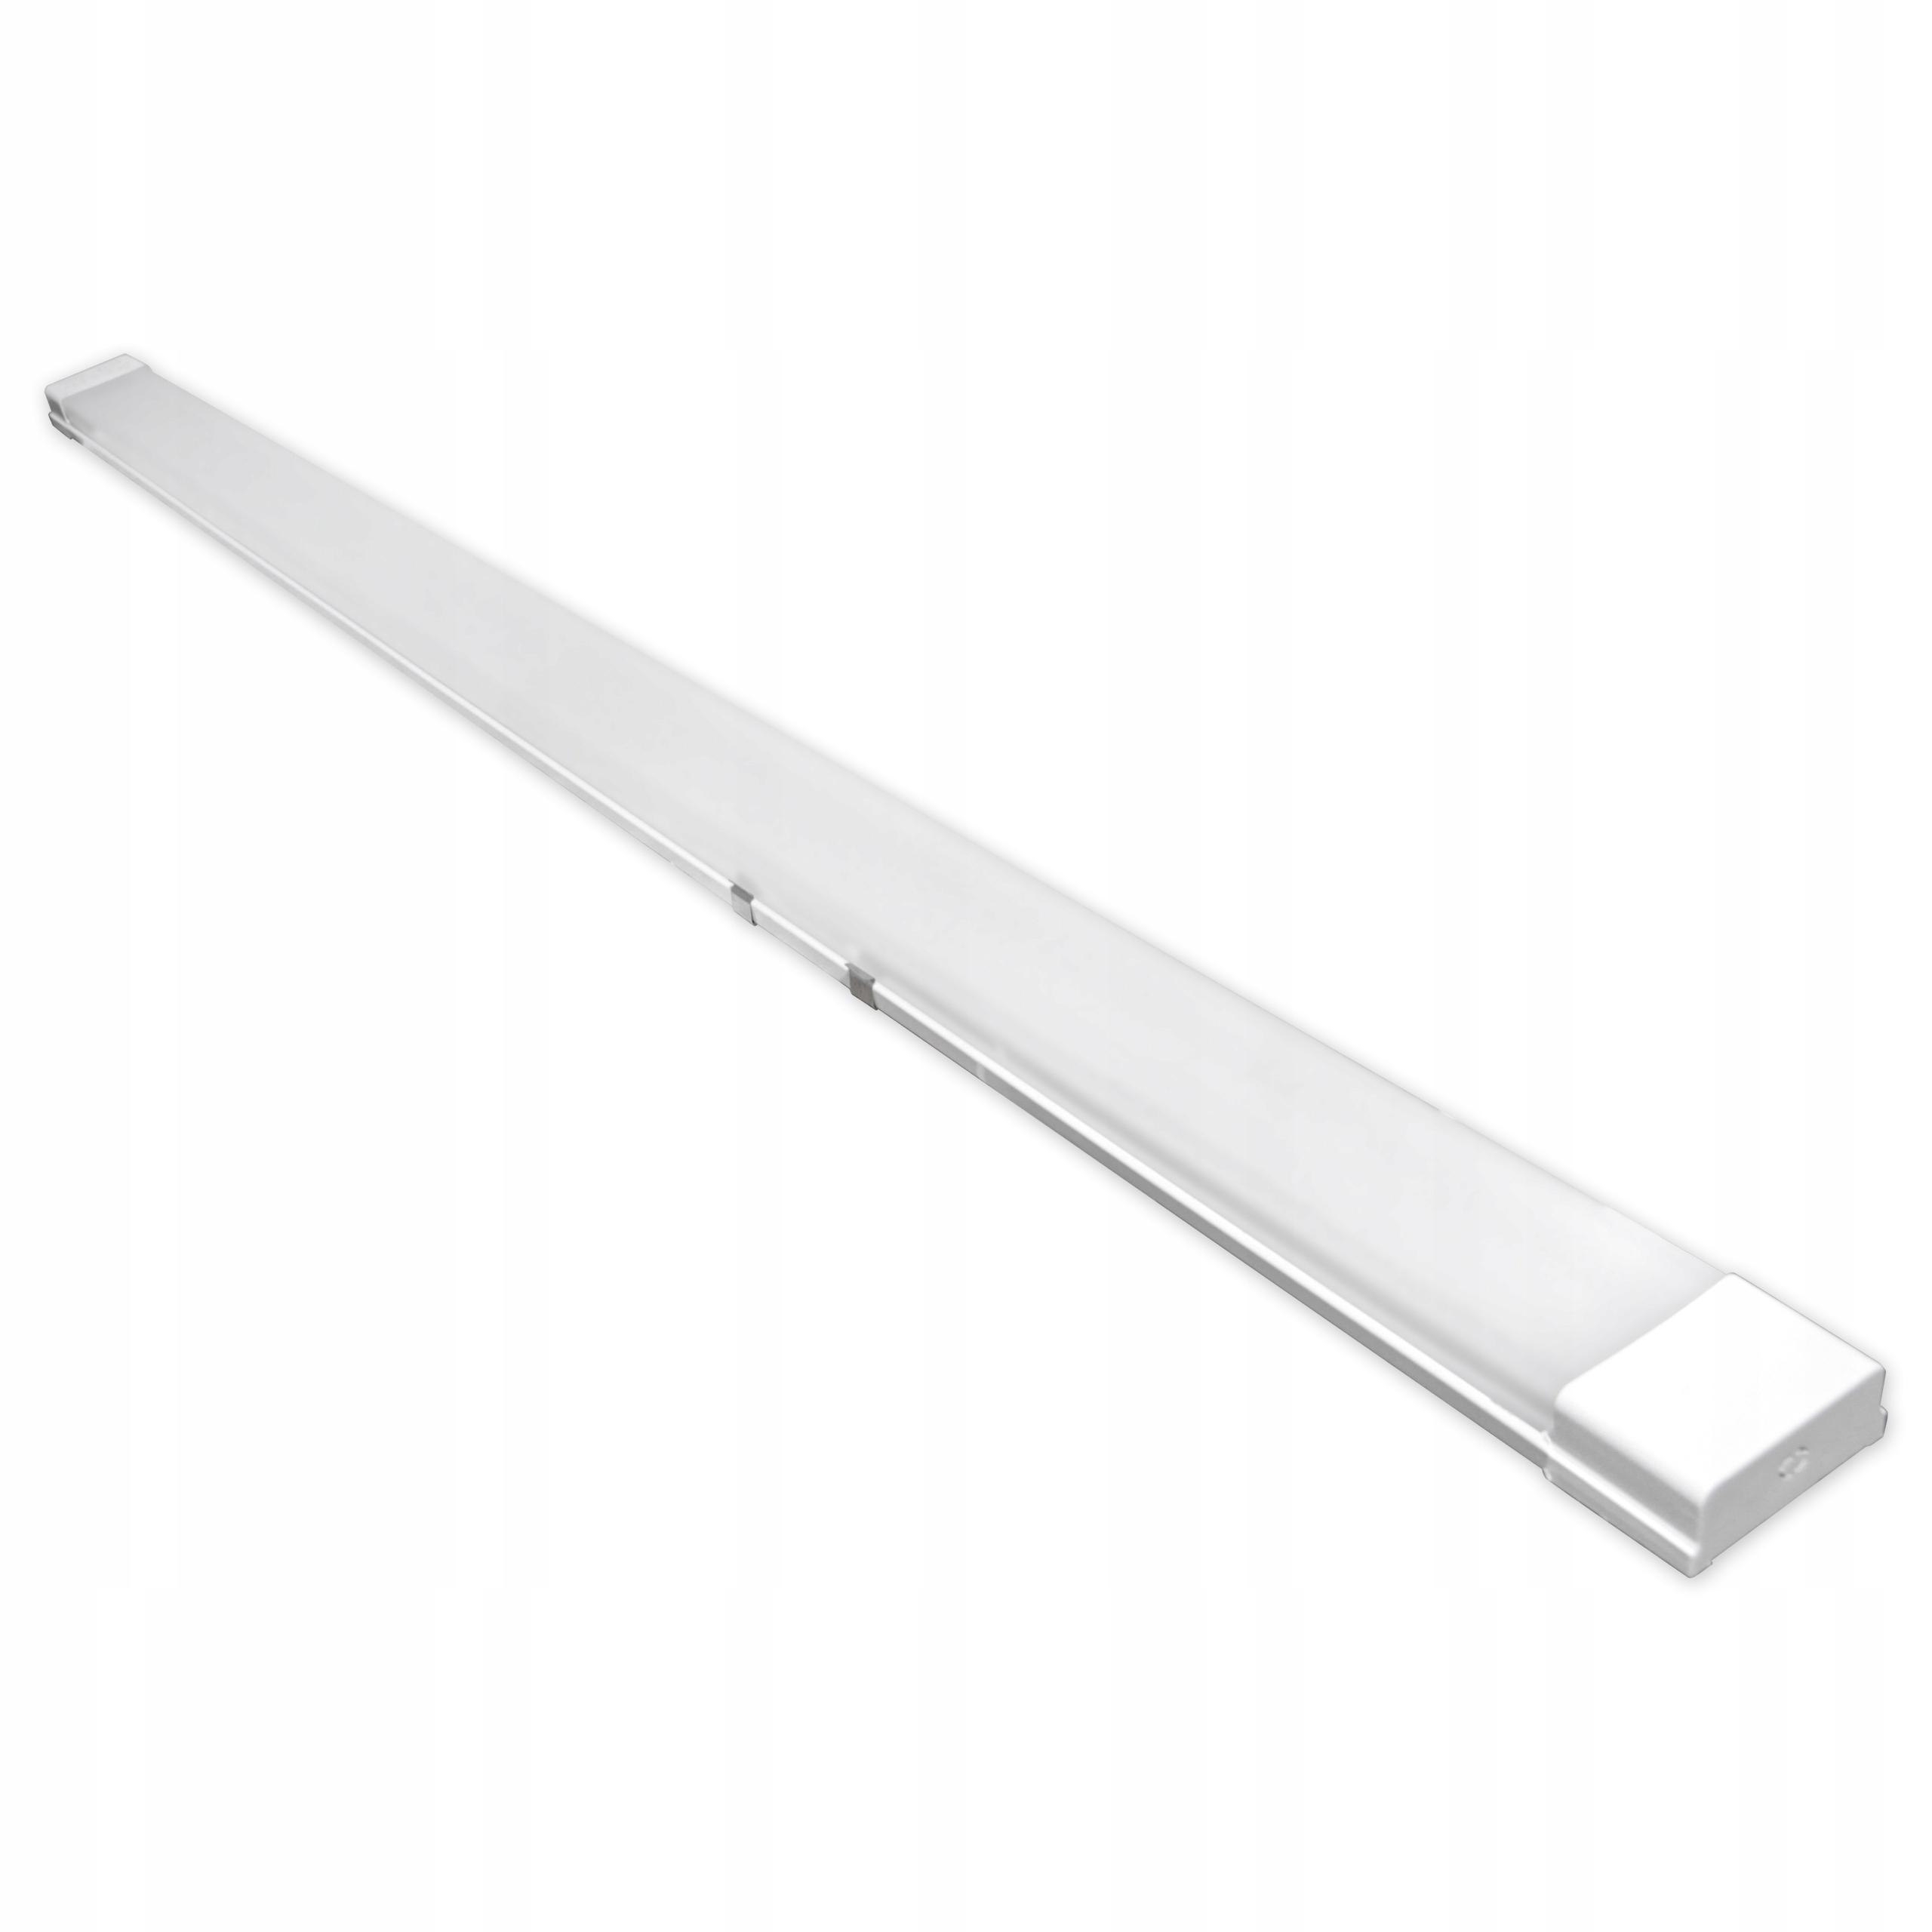 Светодиодная лампа 120см SURFACE PANEL люминесцентная лампа светильник